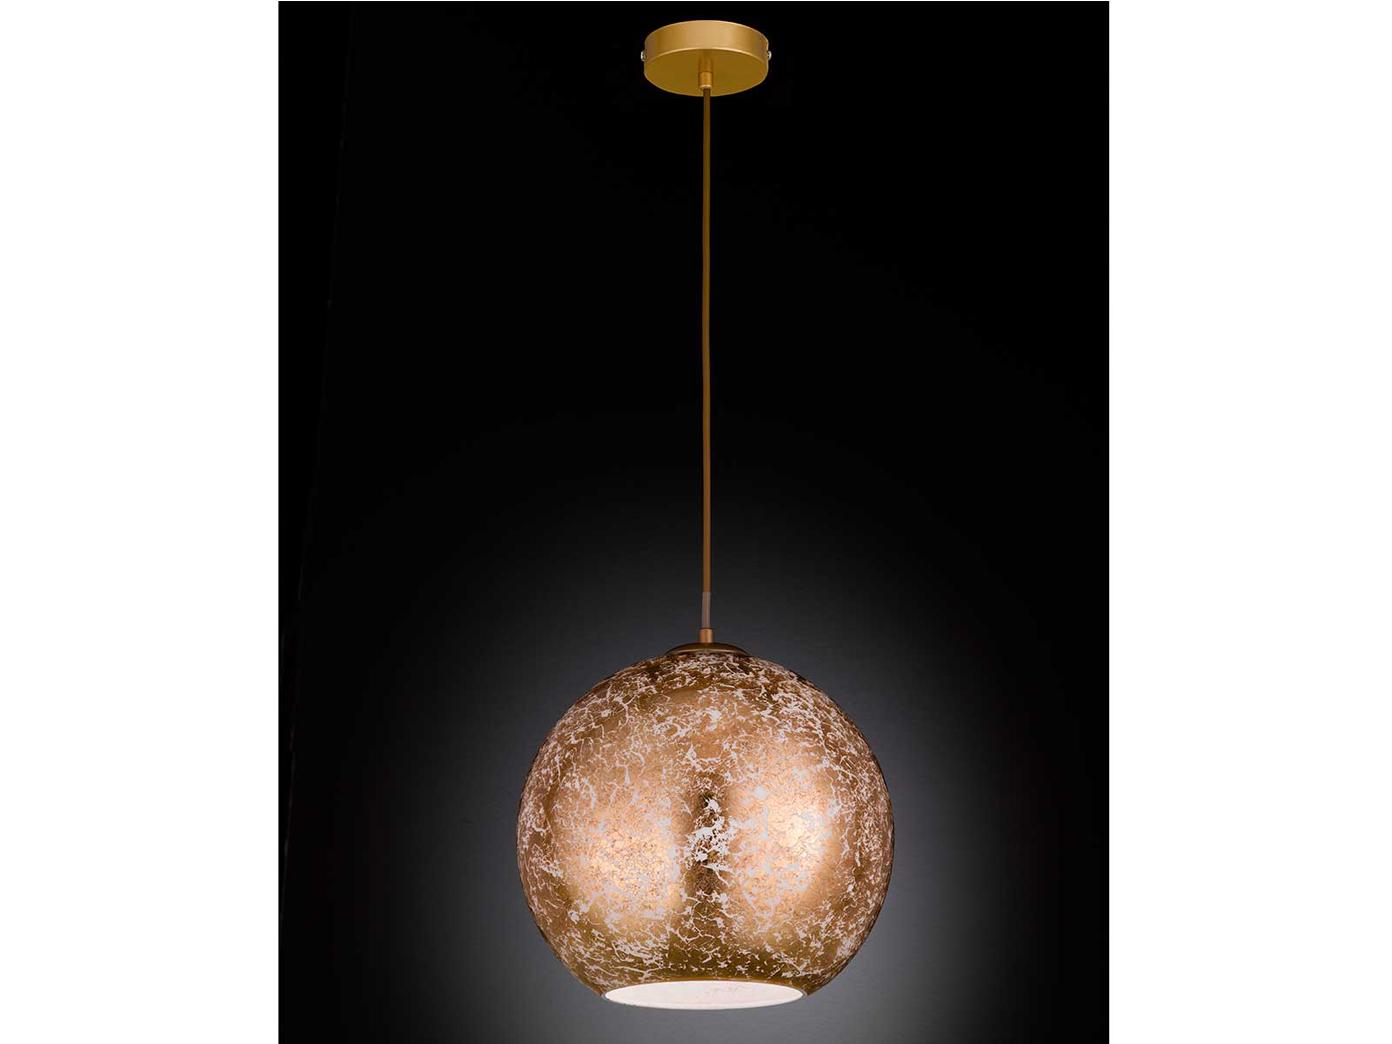 Design Led Pendelleuchte Mit Kugel Lampenschirm Gold ø 30cm Elegante